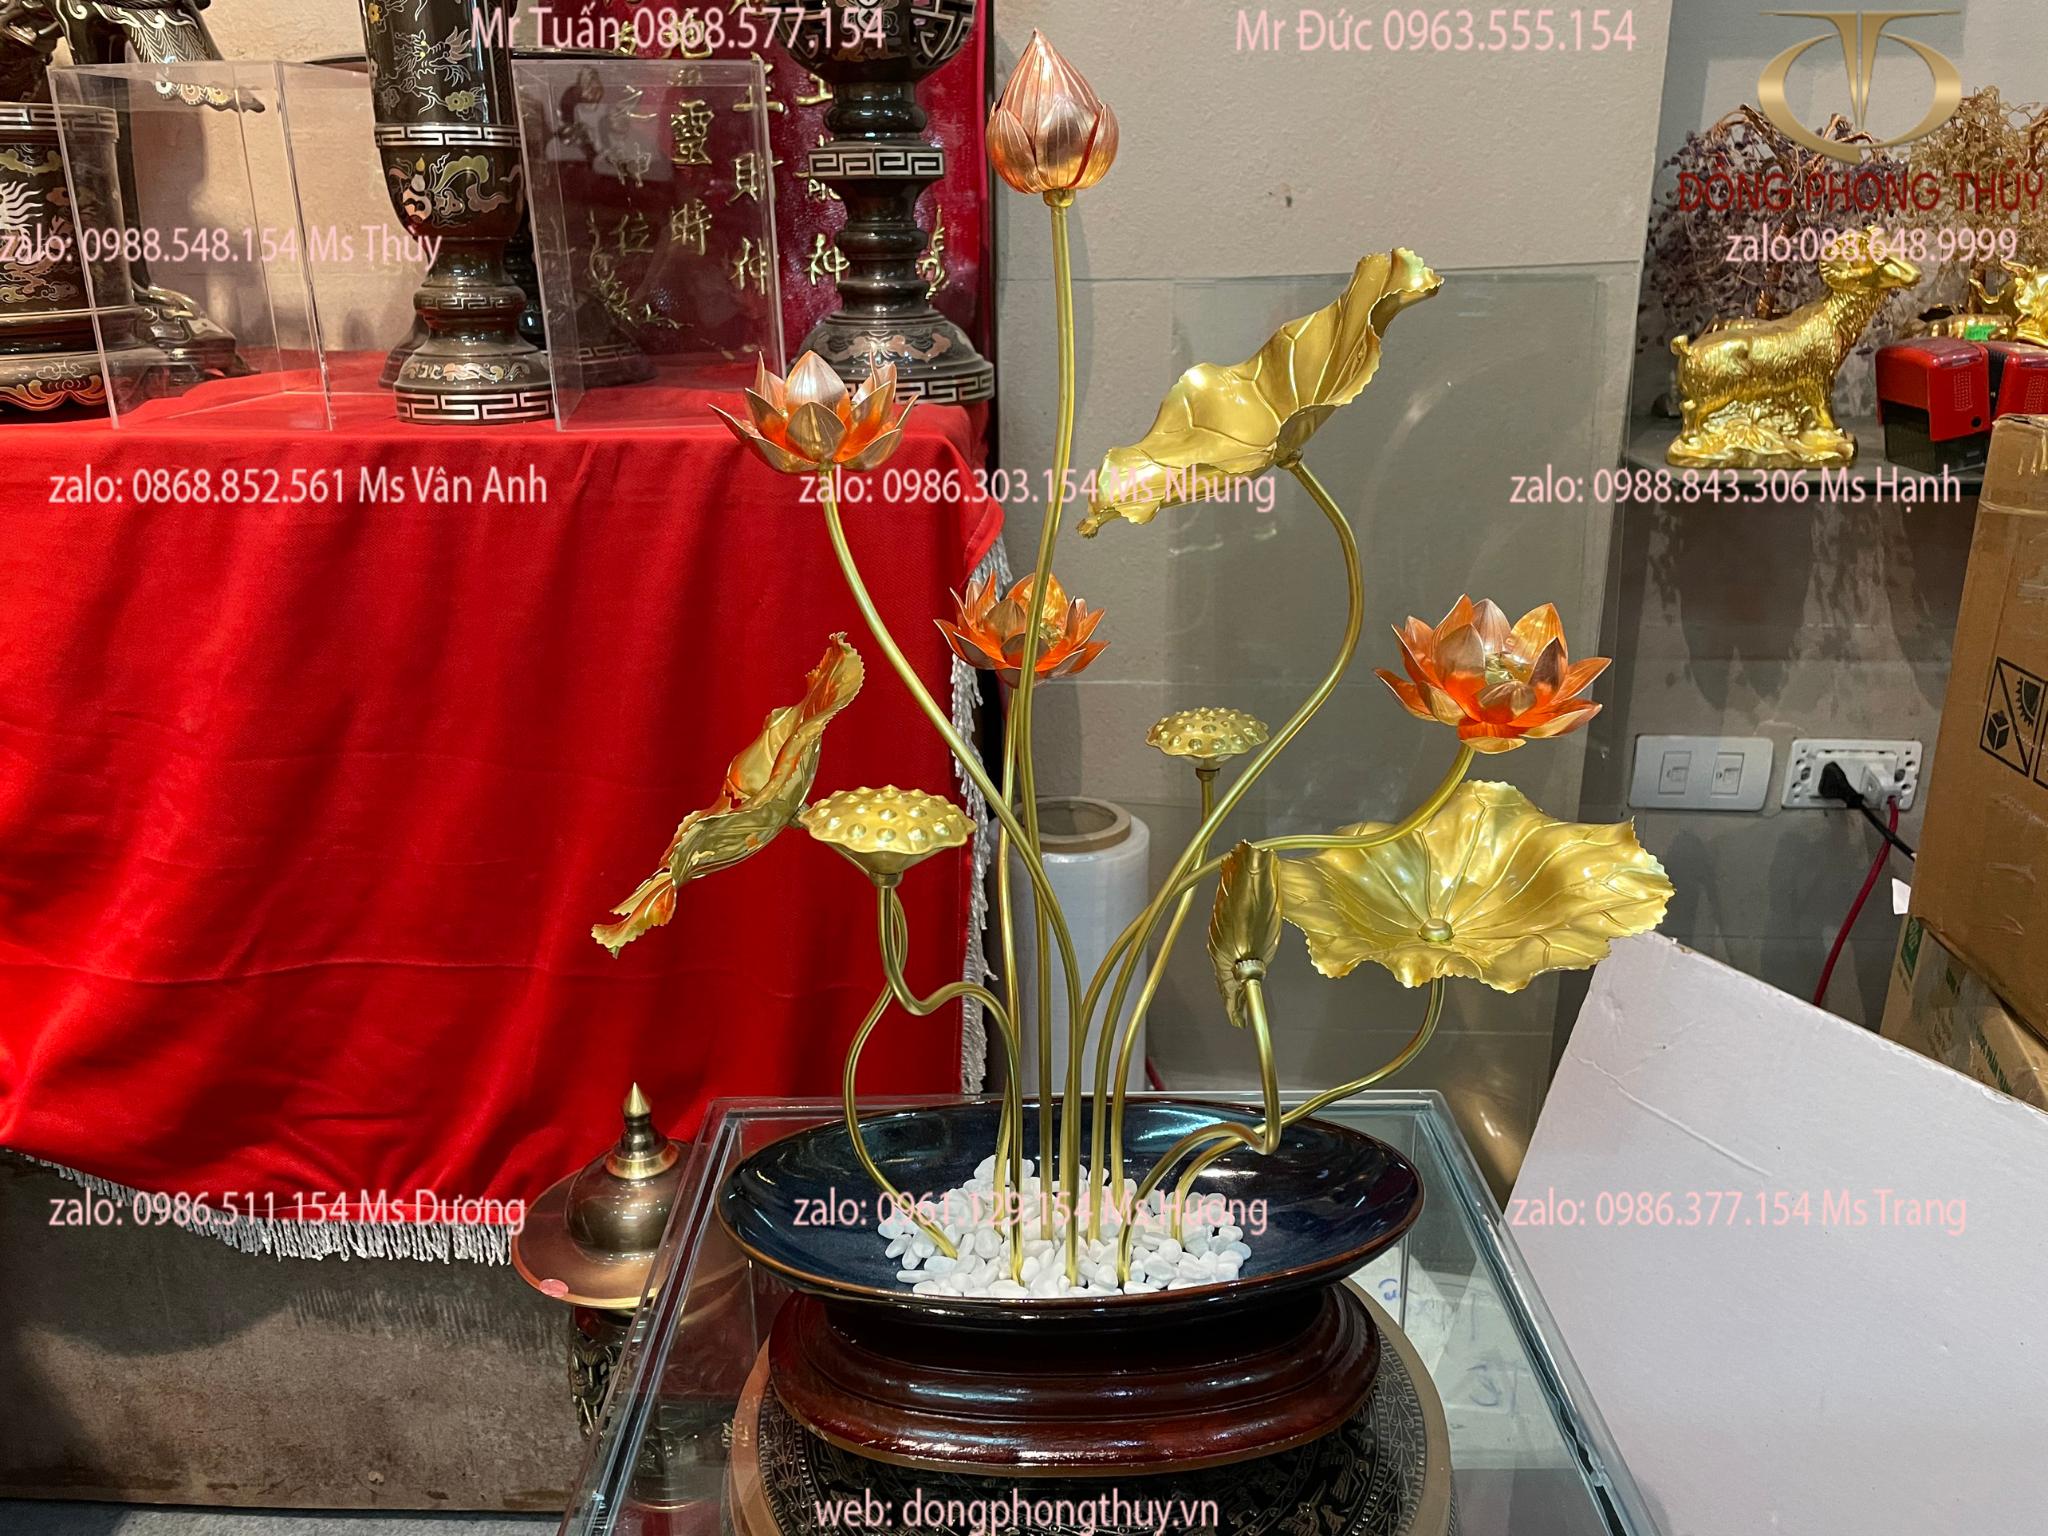 CHẬU Hoa sen bằng đồng ĐẠI BÁI đẹp